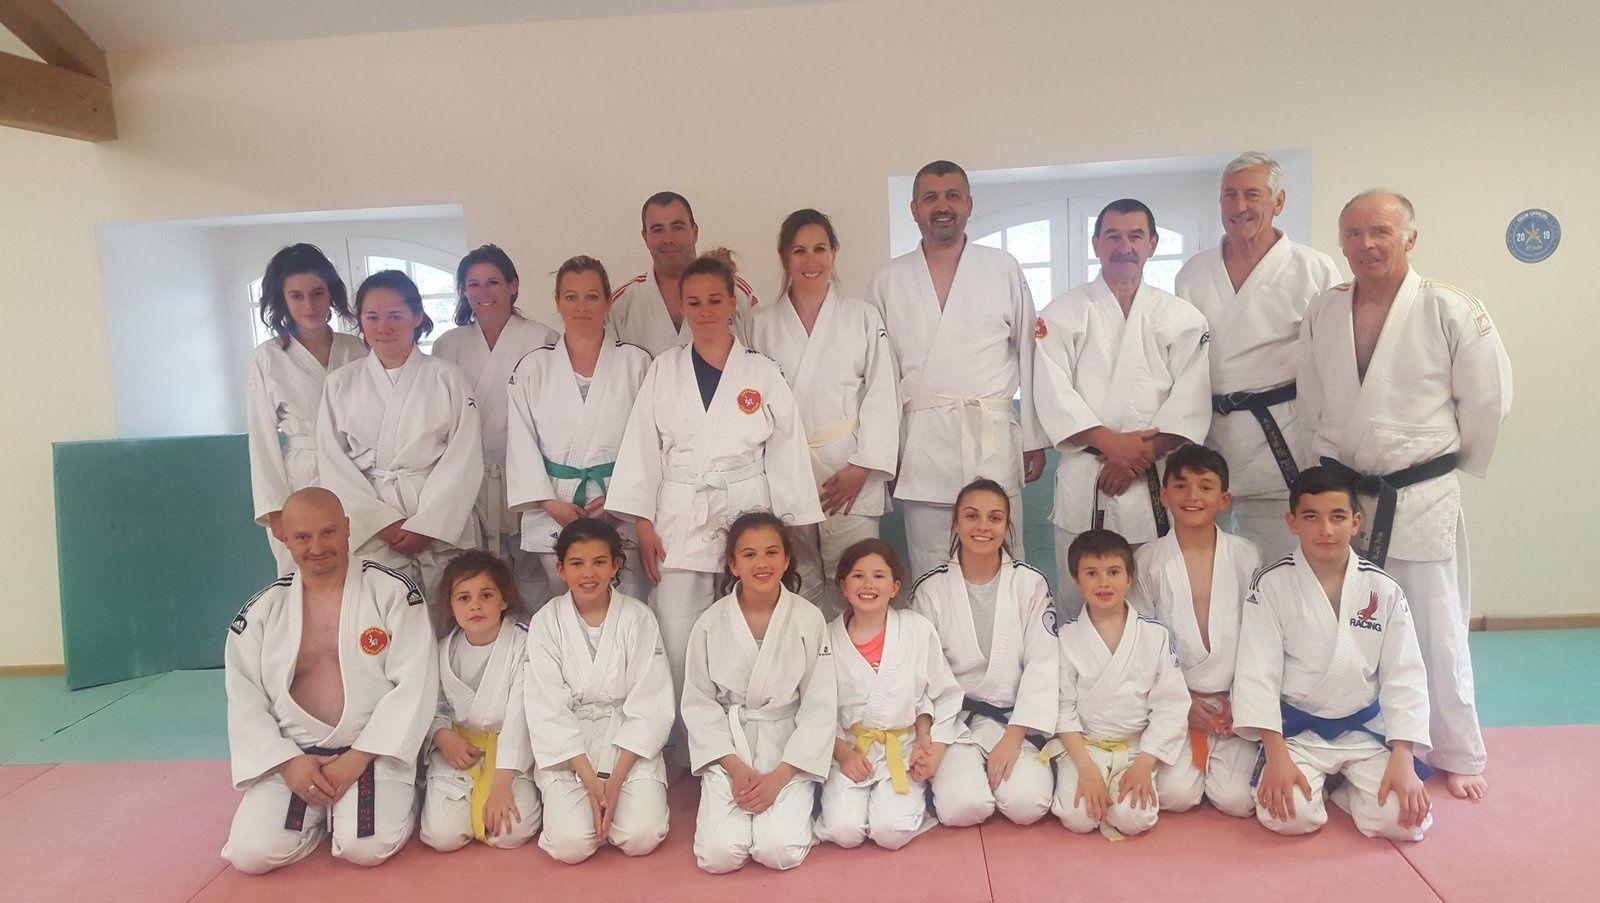 Castellane ; Stage de Judo/Escalade à la Palud sur verdon pour le Judo Club Castellanais